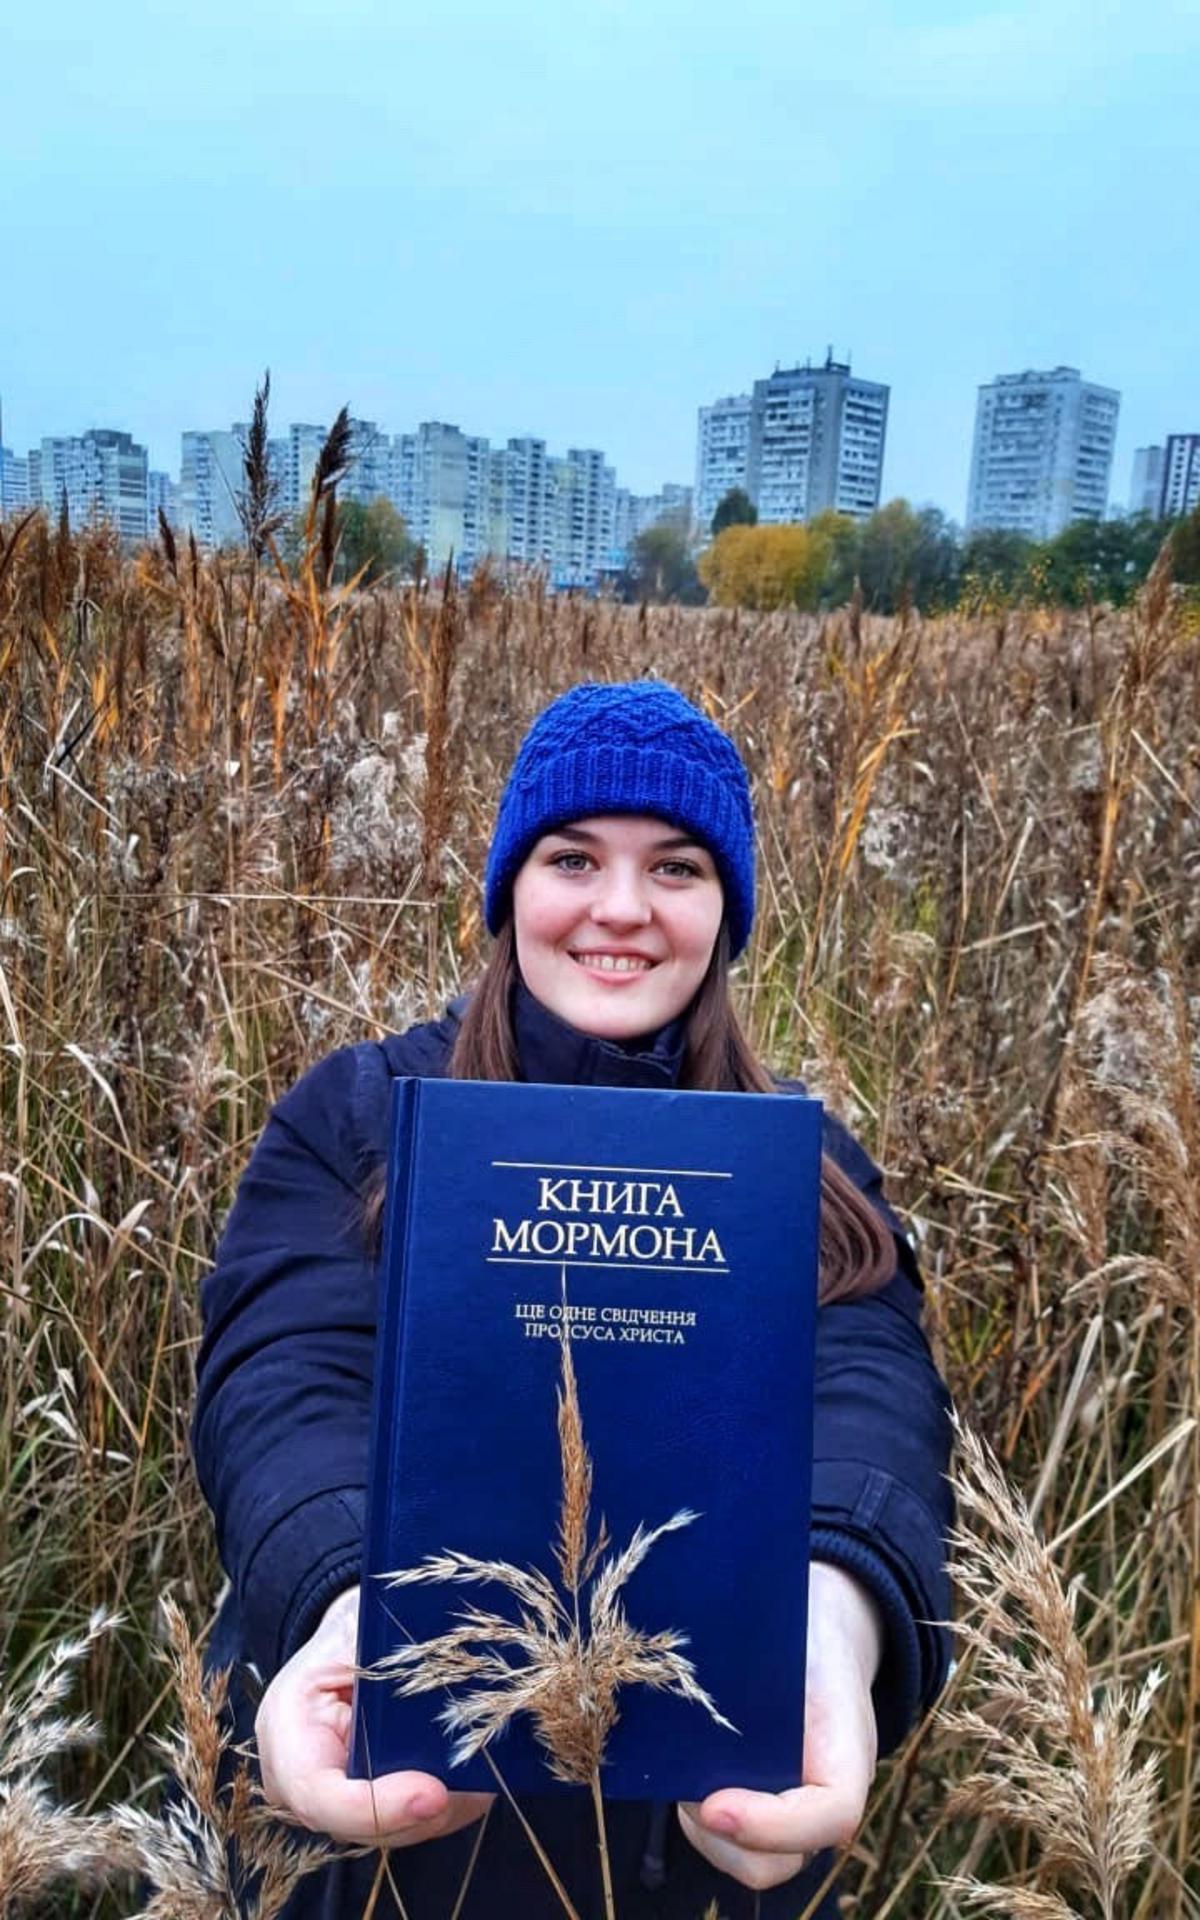 Schwester Dzierzon begeisterte Missionarin in der Ukraine